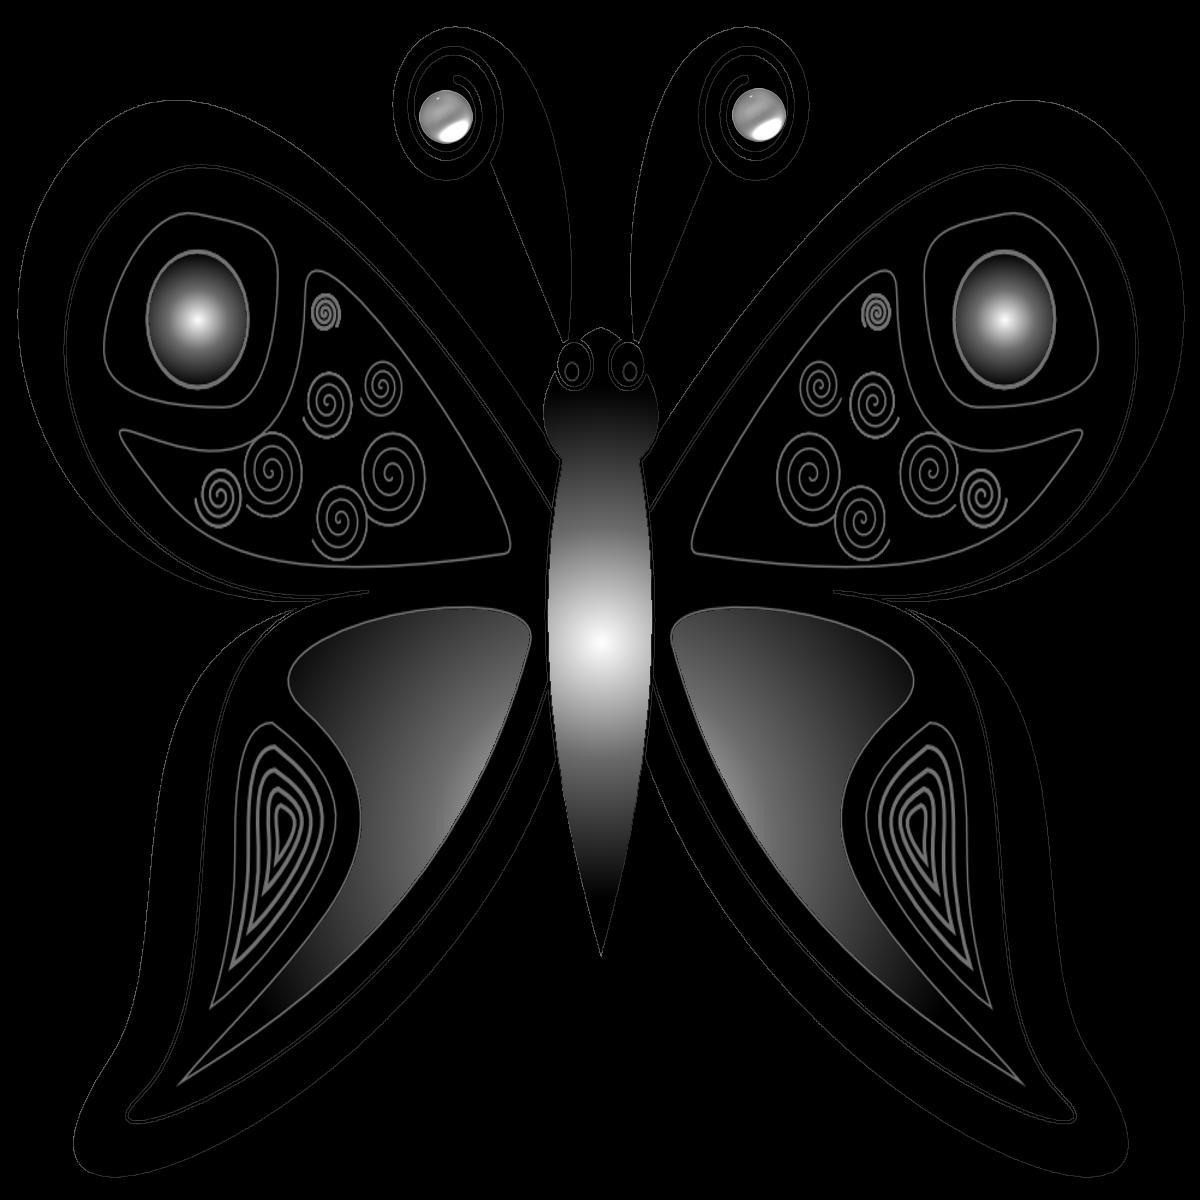 http://3.bp.blogspot.com/-7t6FW8oR-p0/U0hYcr4Sz7I/AAAAAAAAEiw/e-fXH-gFFXE/s1600/zebrastripes_butterflyaddon_rainy.png